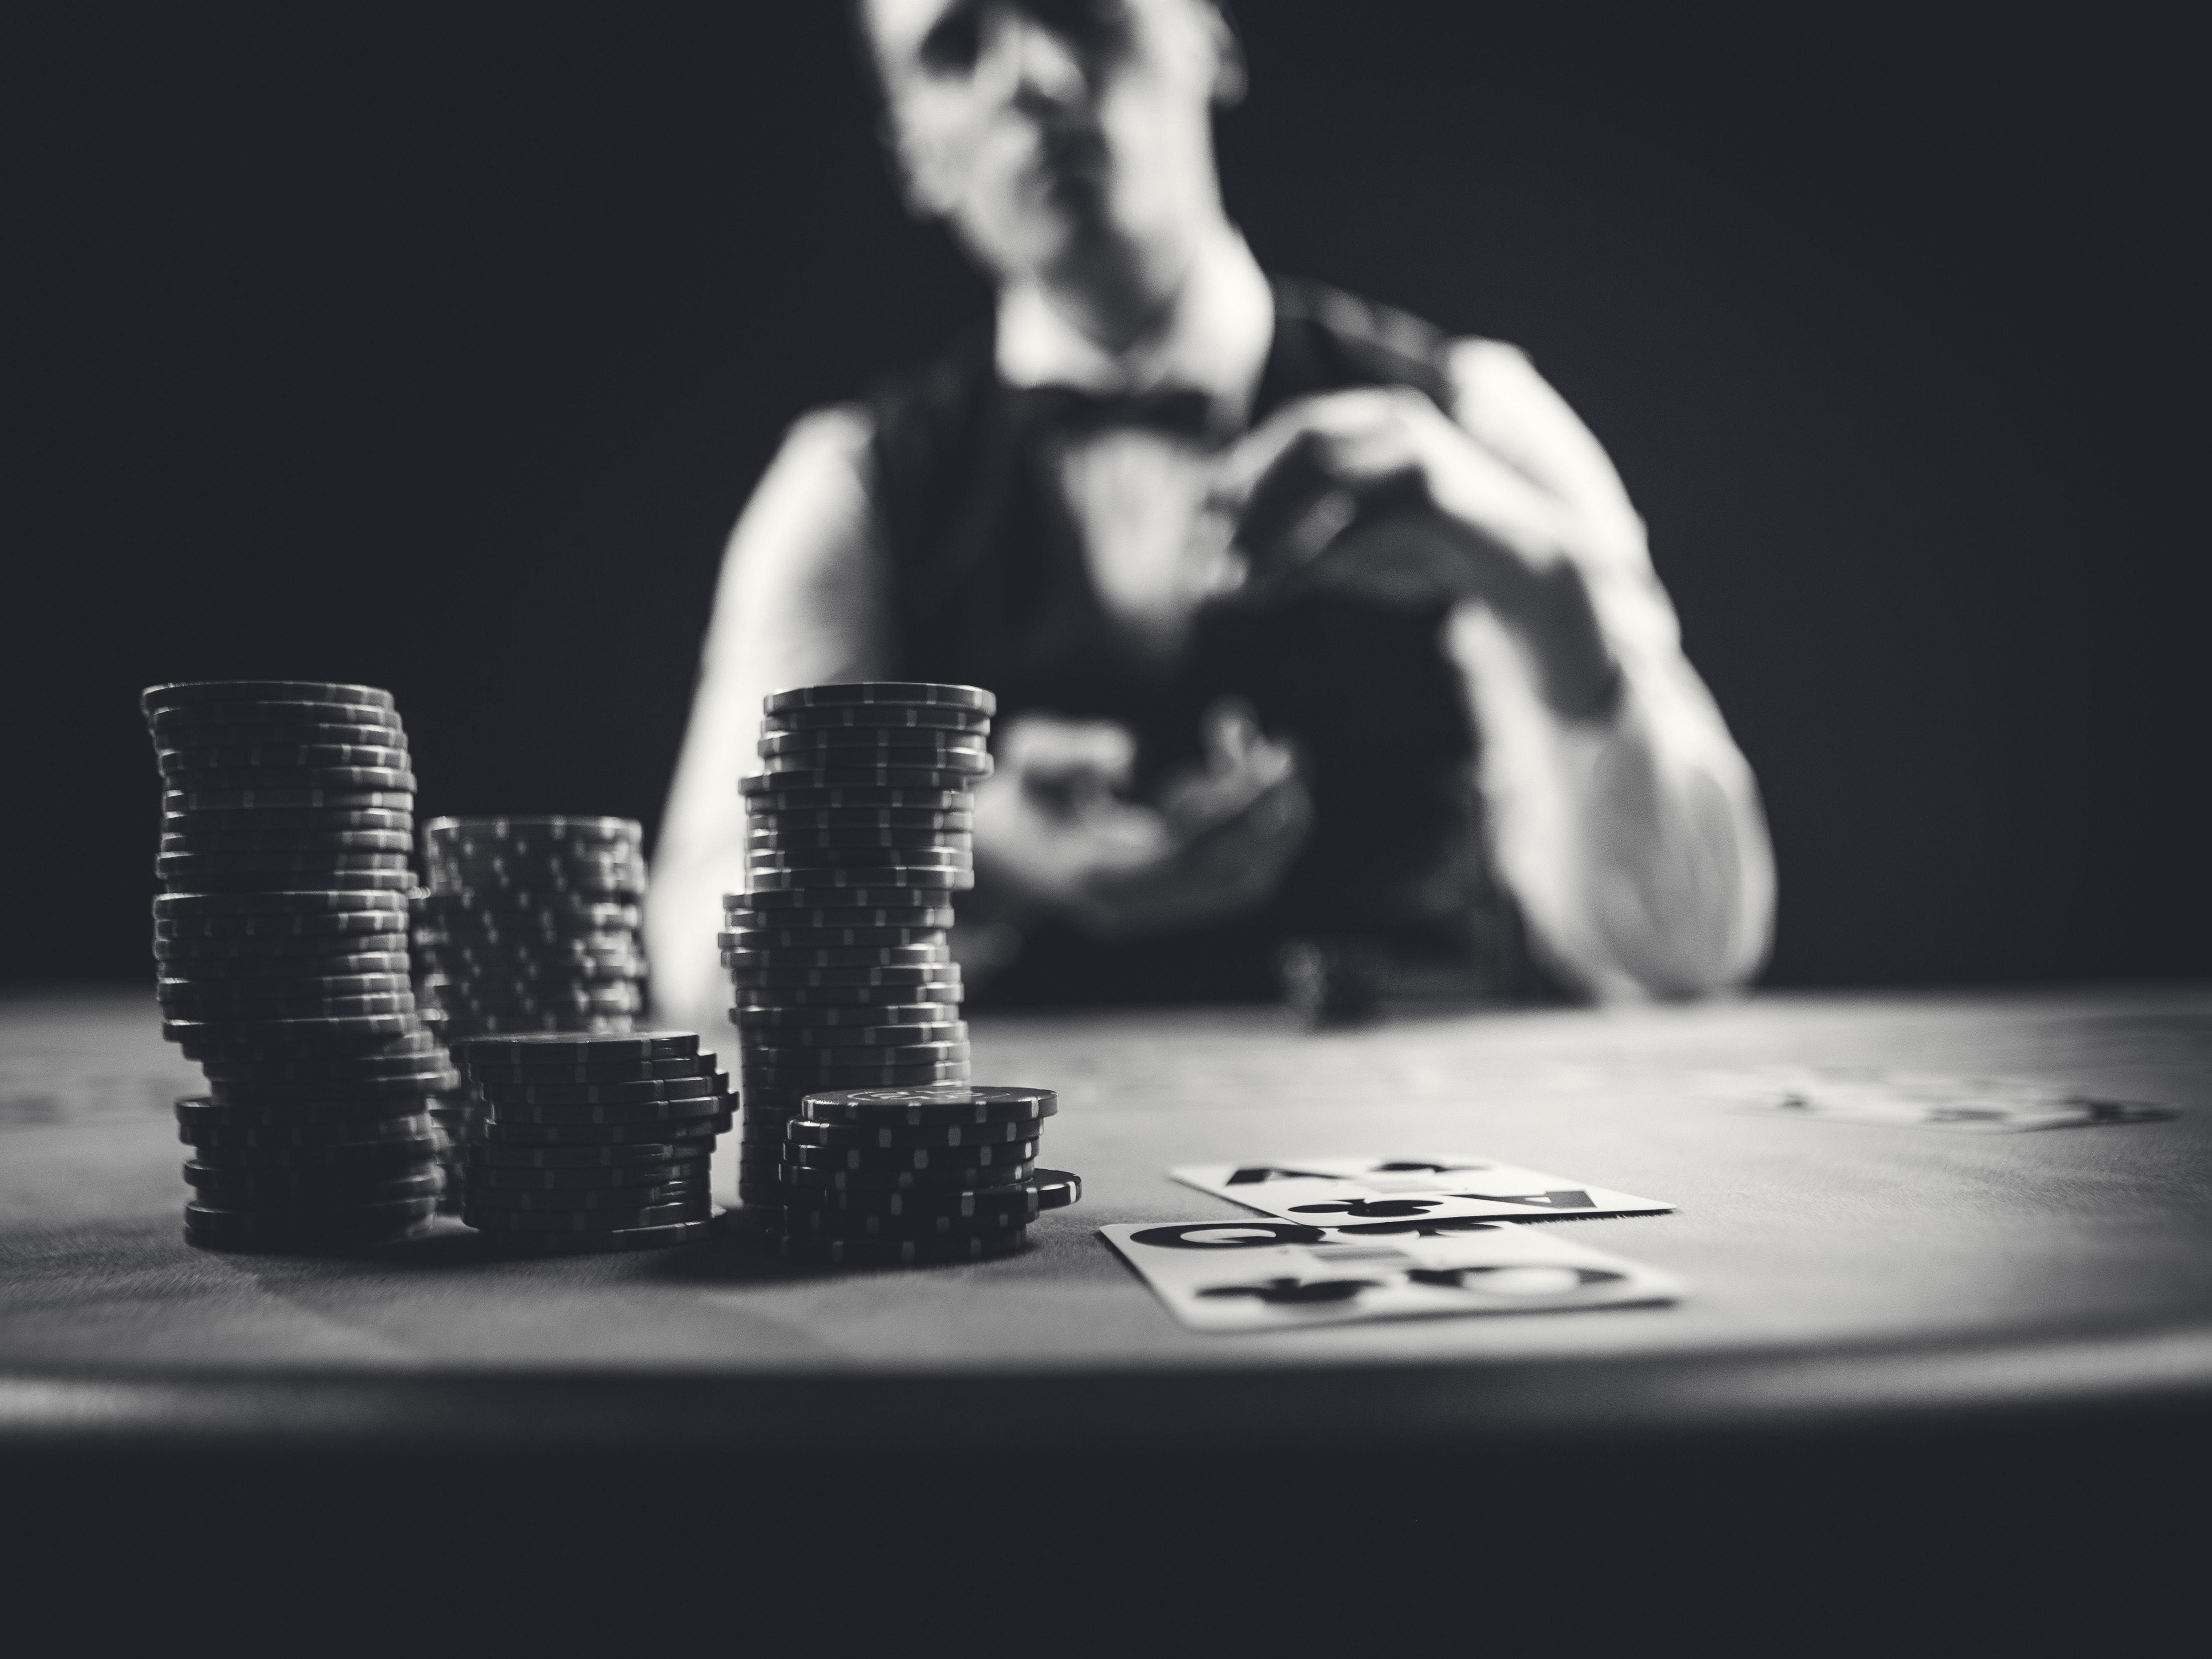 Side betting in poker